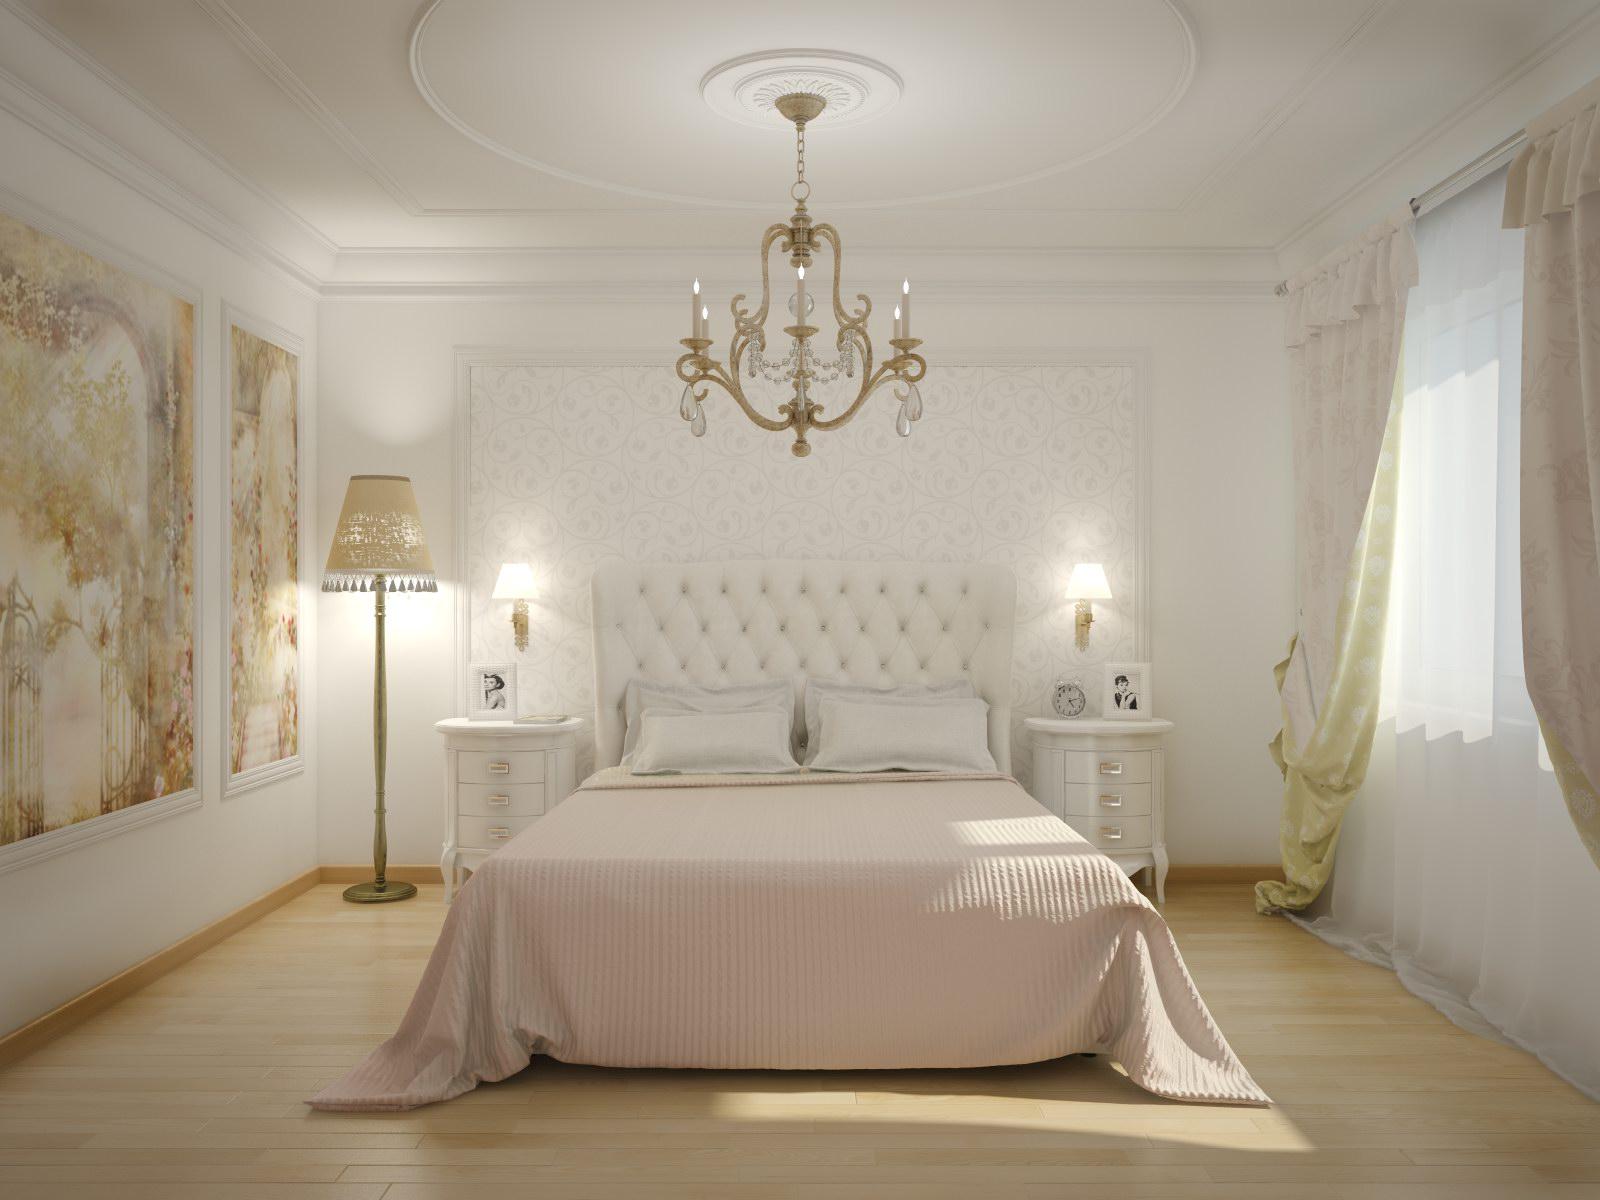 Комбинирование светлых обоев в небольшой классической спальне